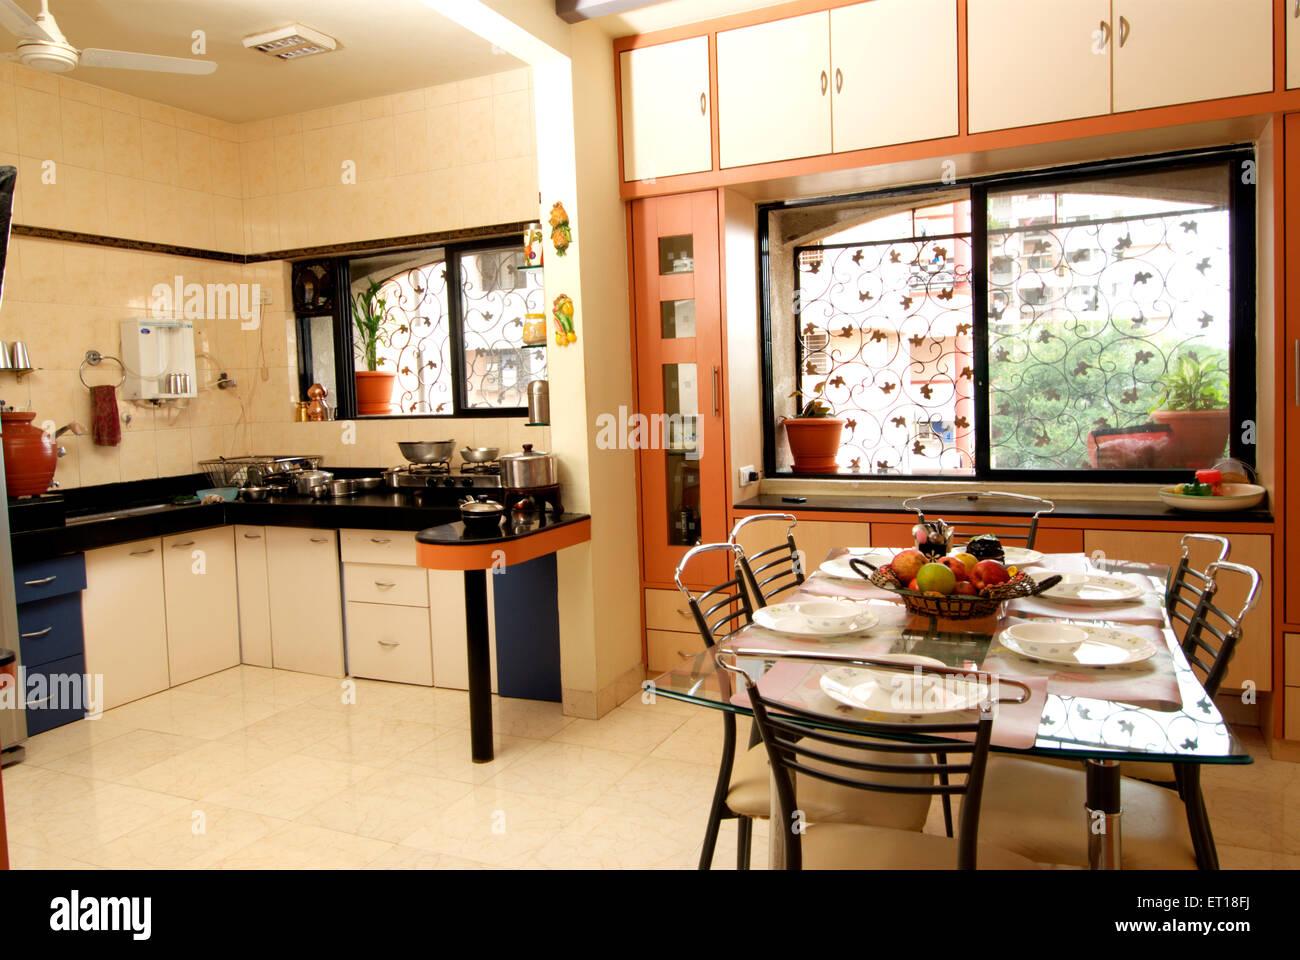 Interno della cucina indiana Mr#364 Immagini Stock